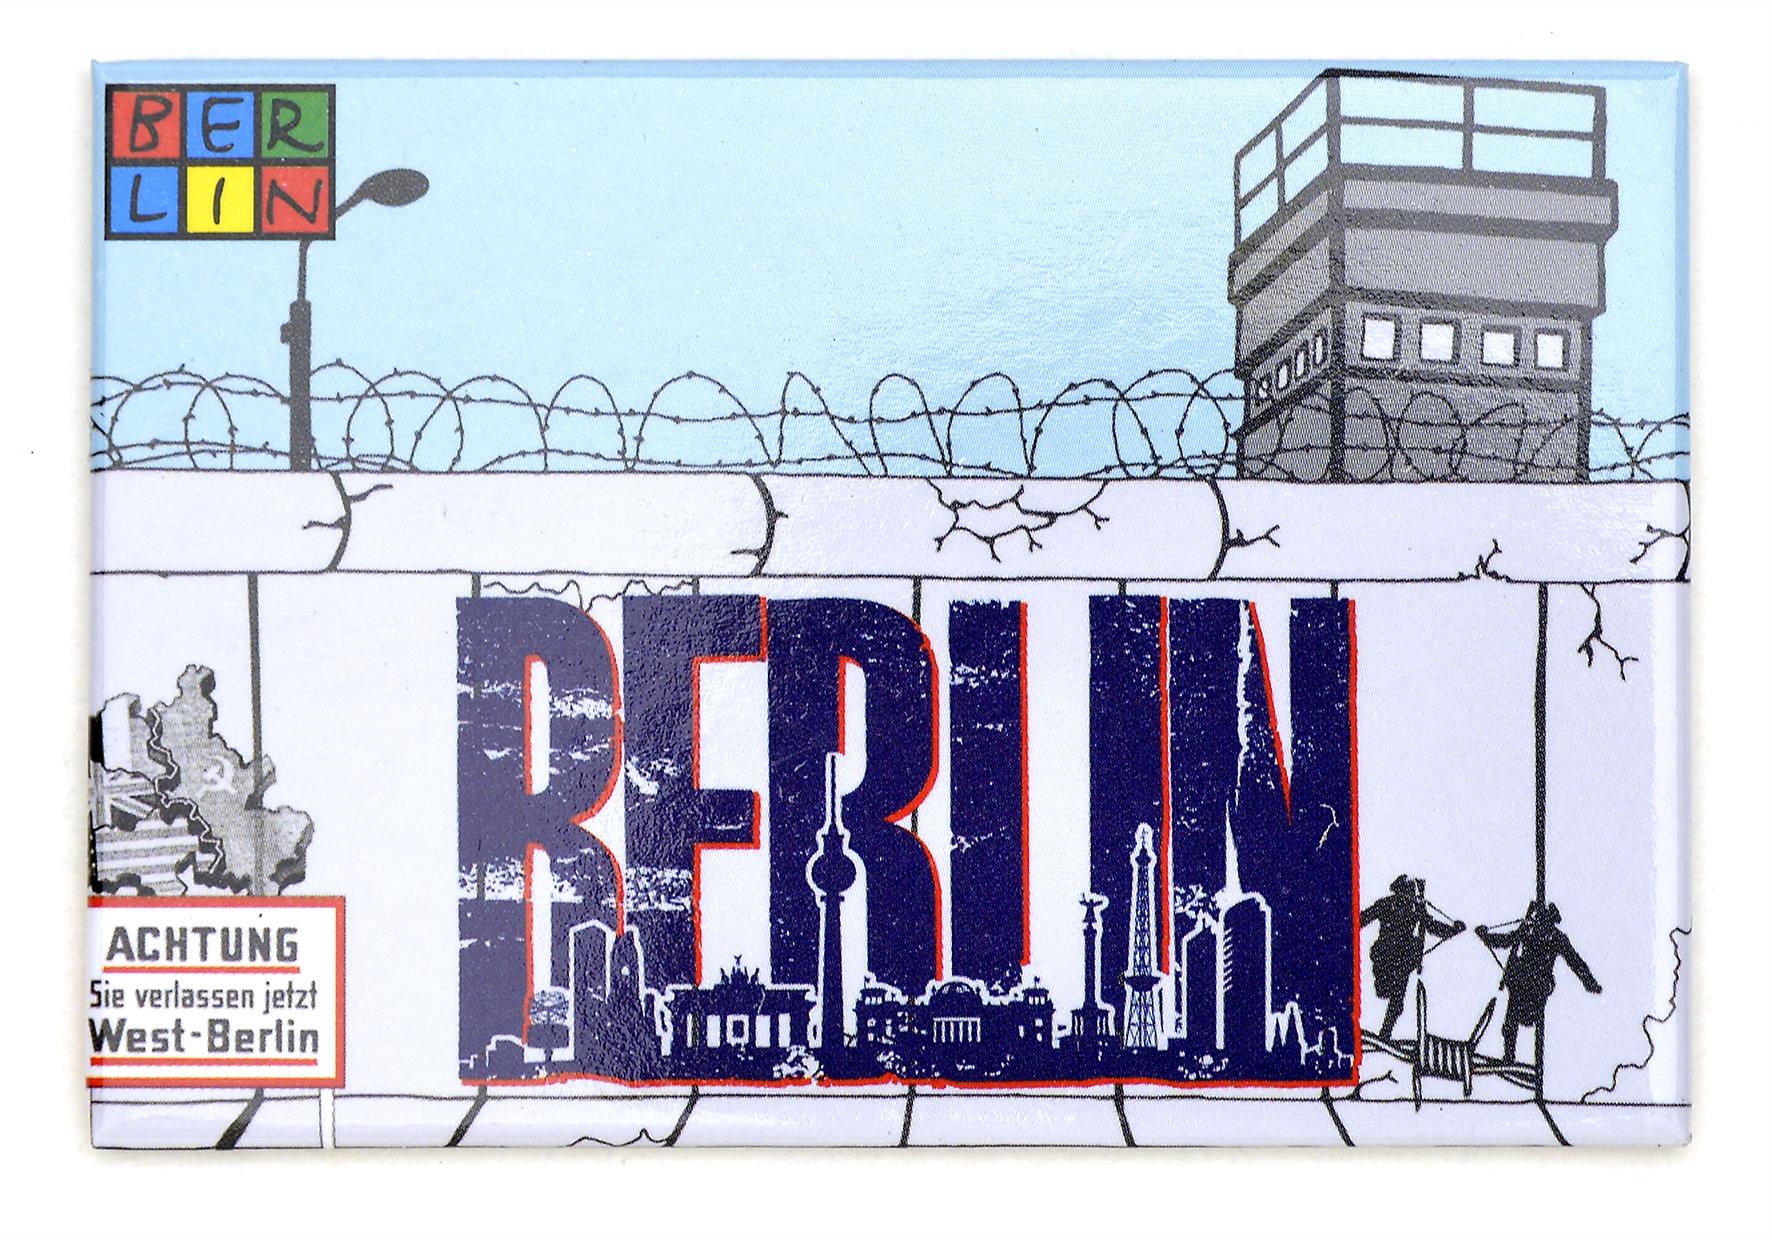 050-0110_Magnet_Mauer_West-Berlin